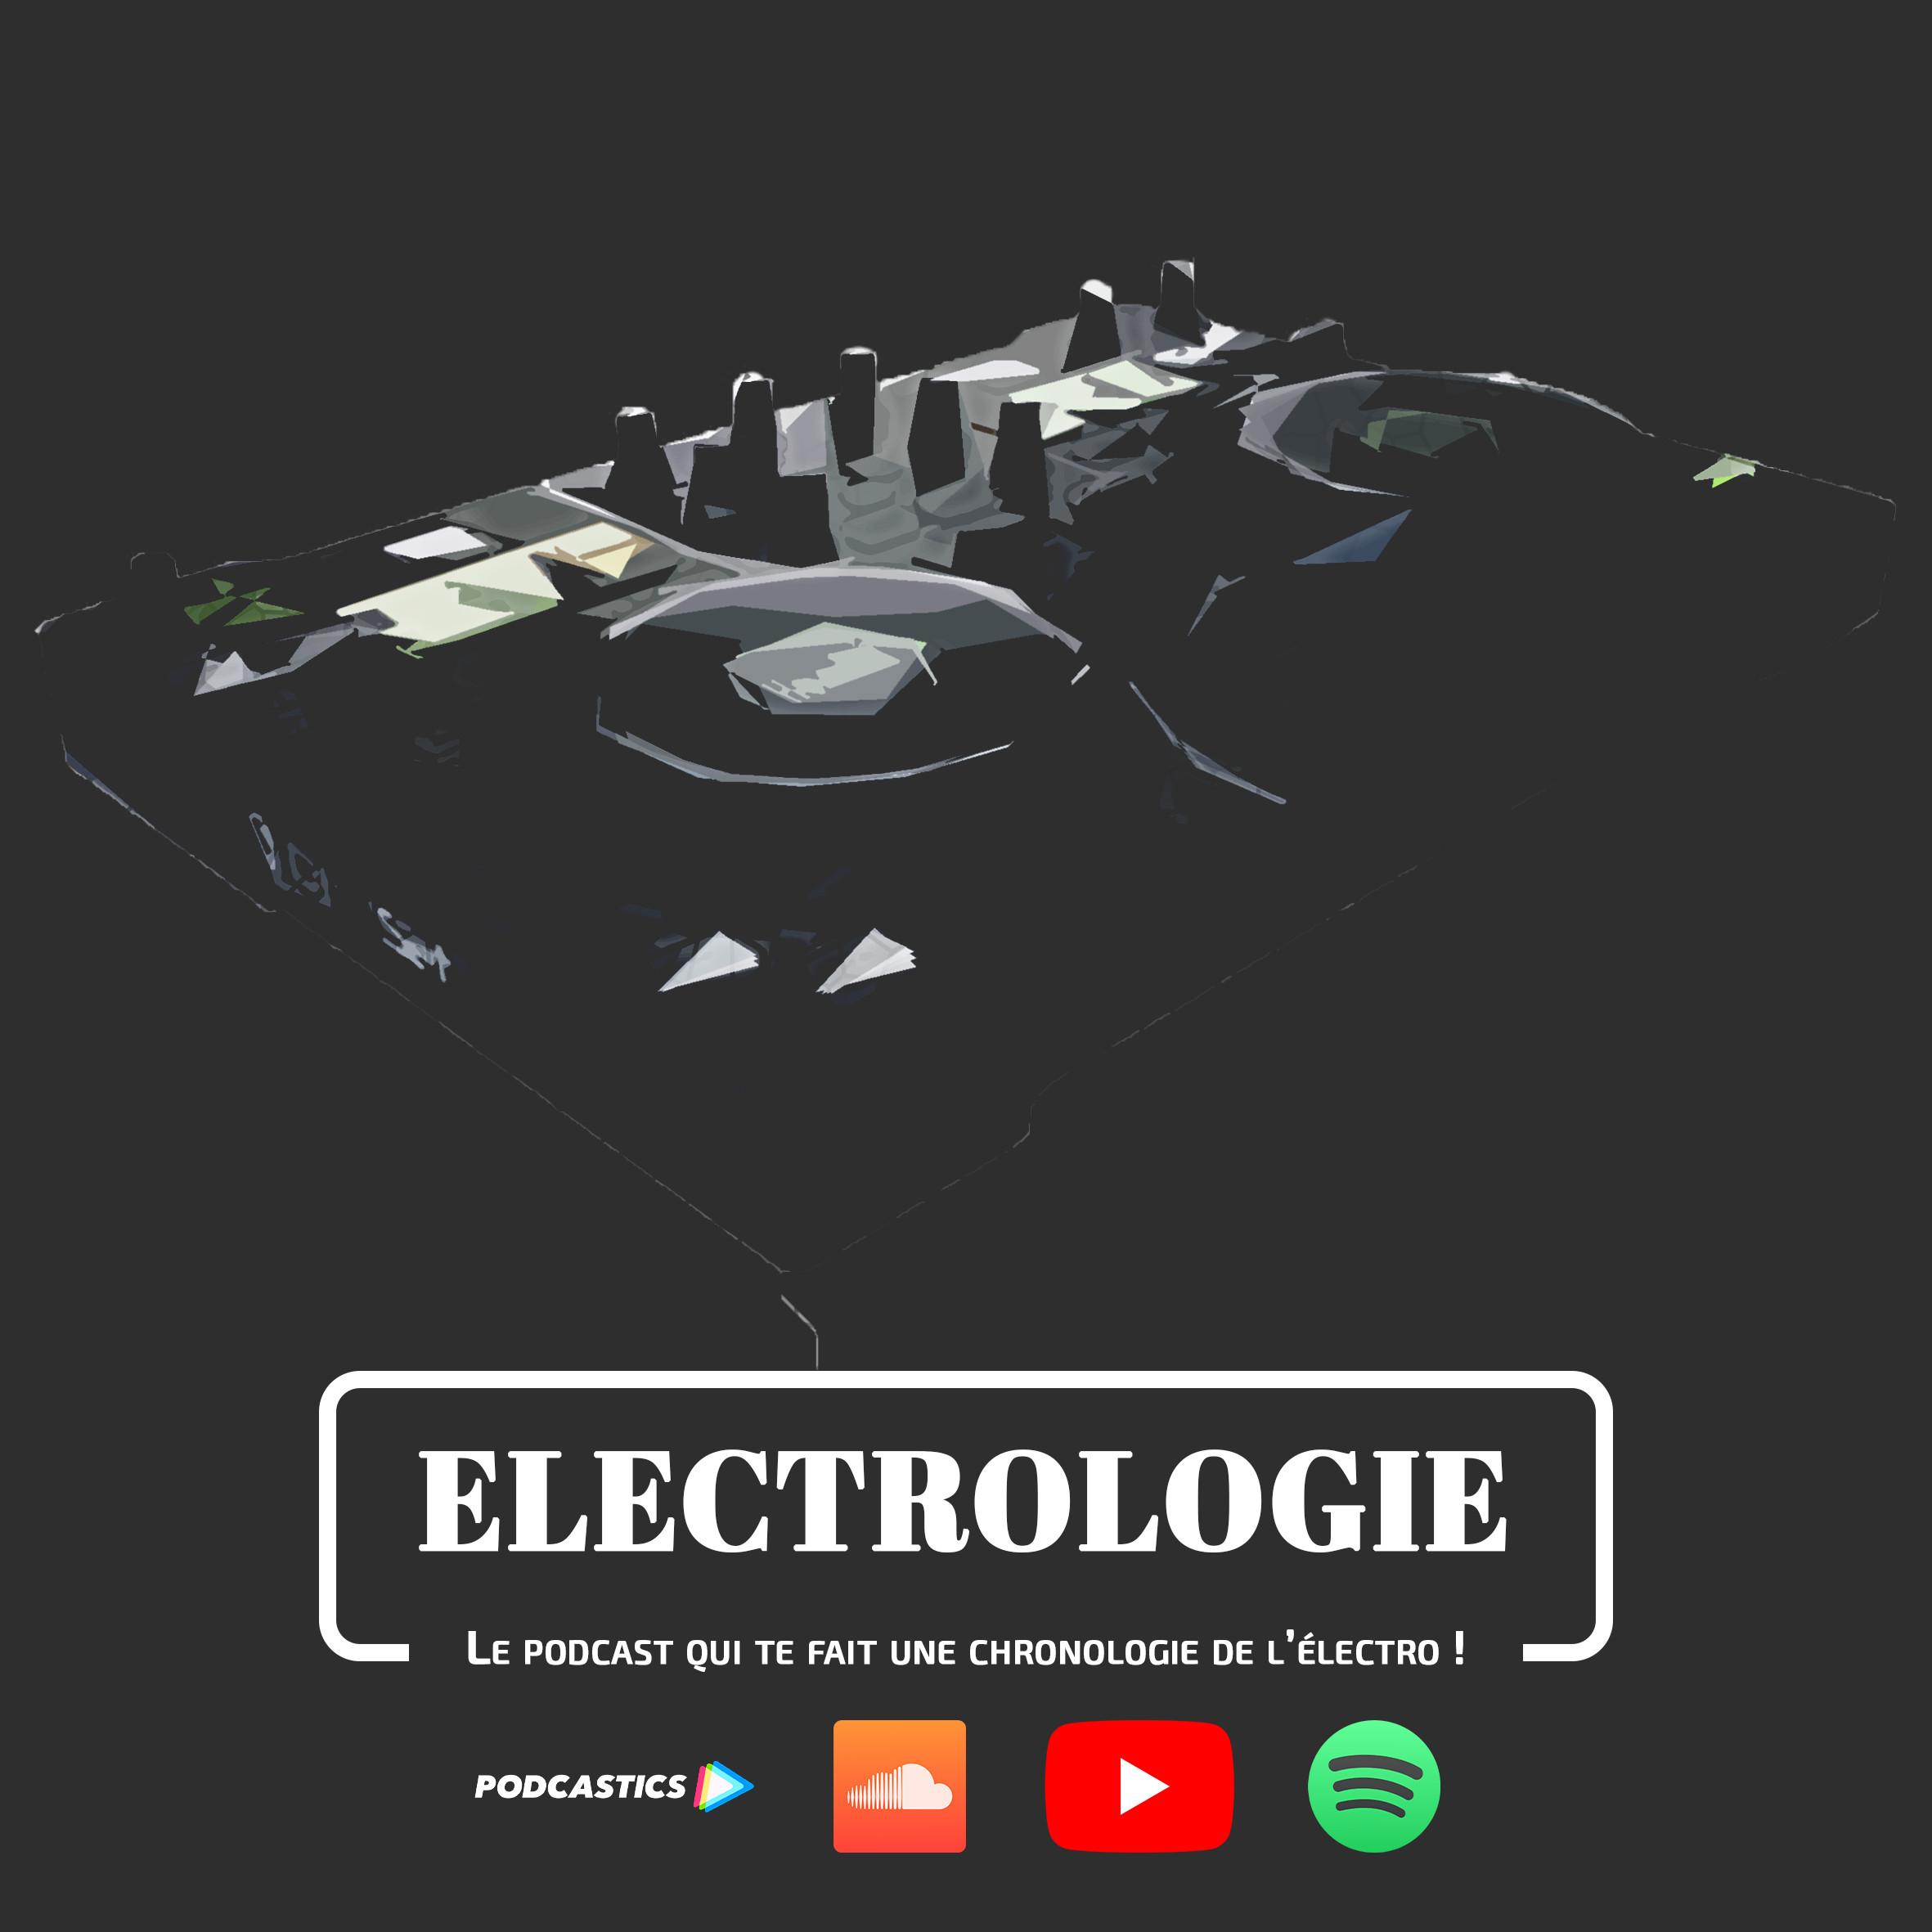 Electrologie